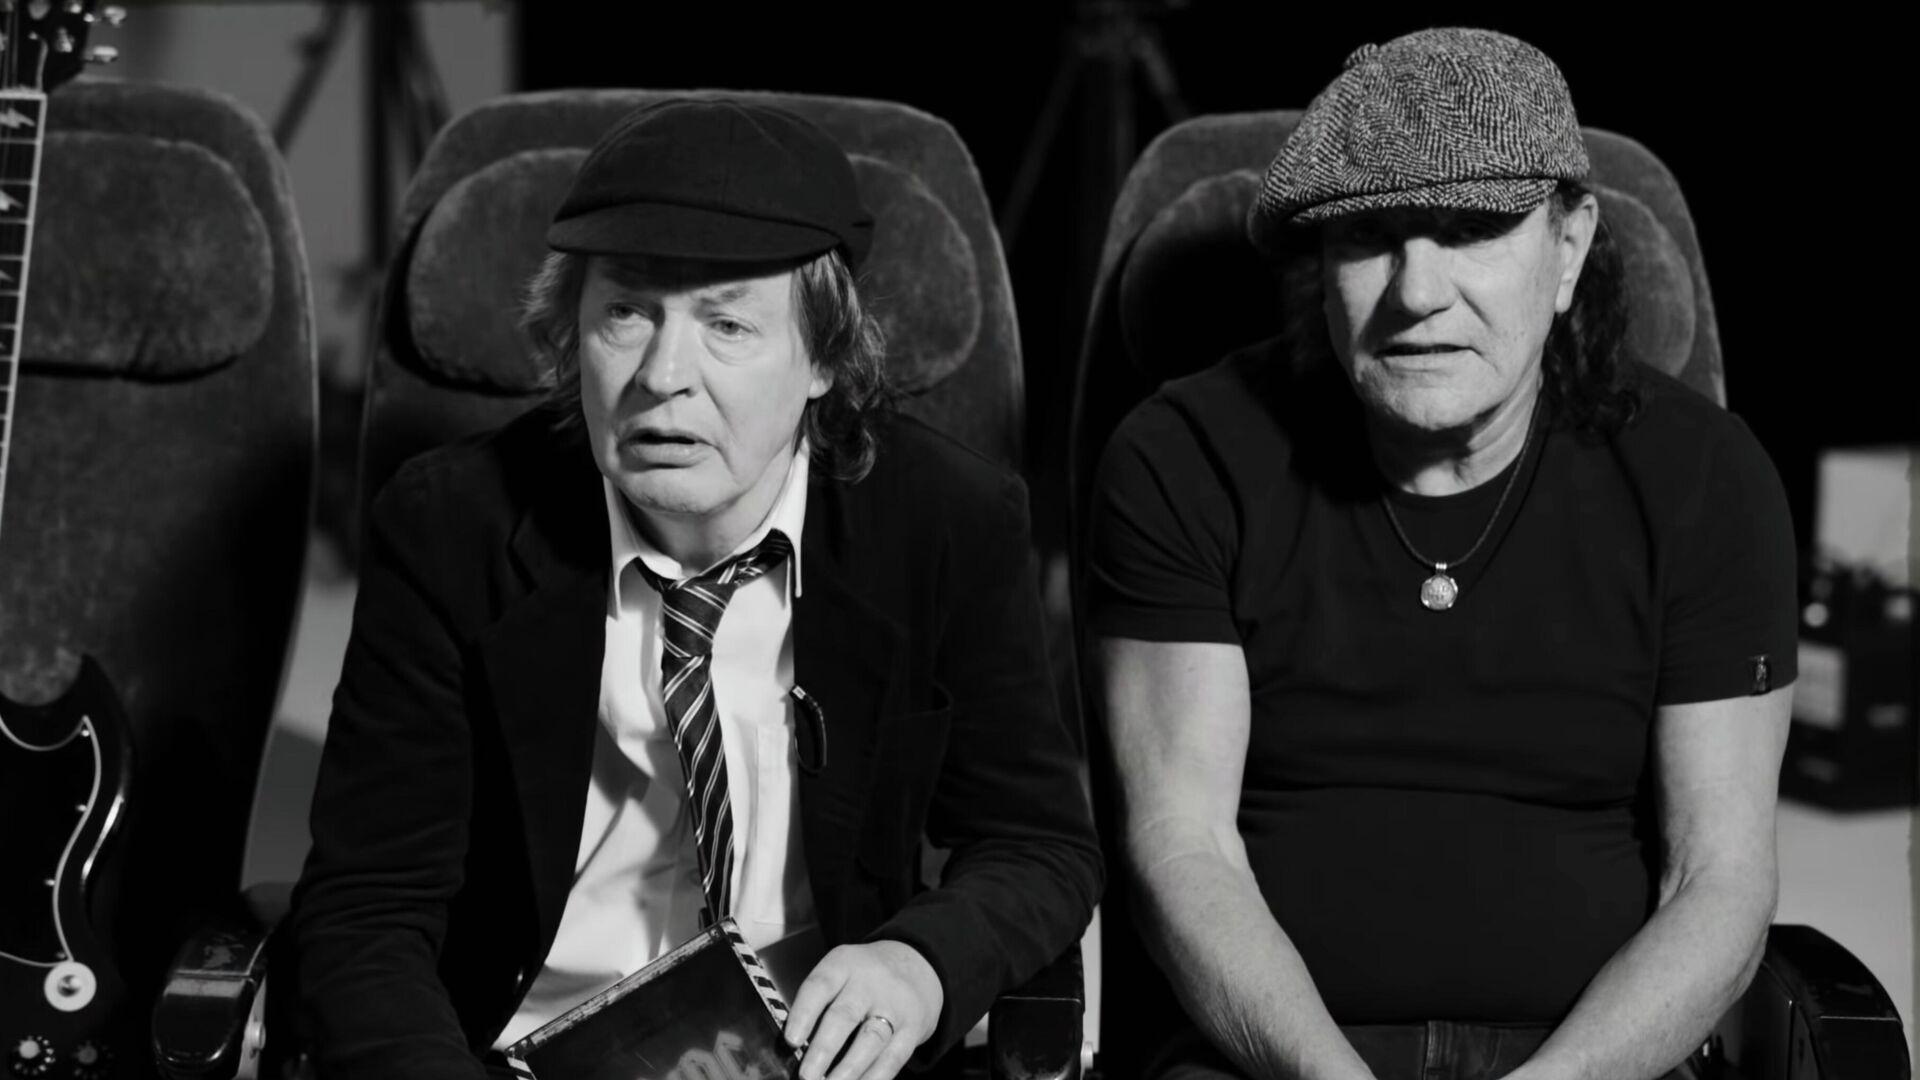 Музыканты группы AC/DC Ангус Янг и Брайан Джонсон - РИА Новости, 1920, 15.10.2020